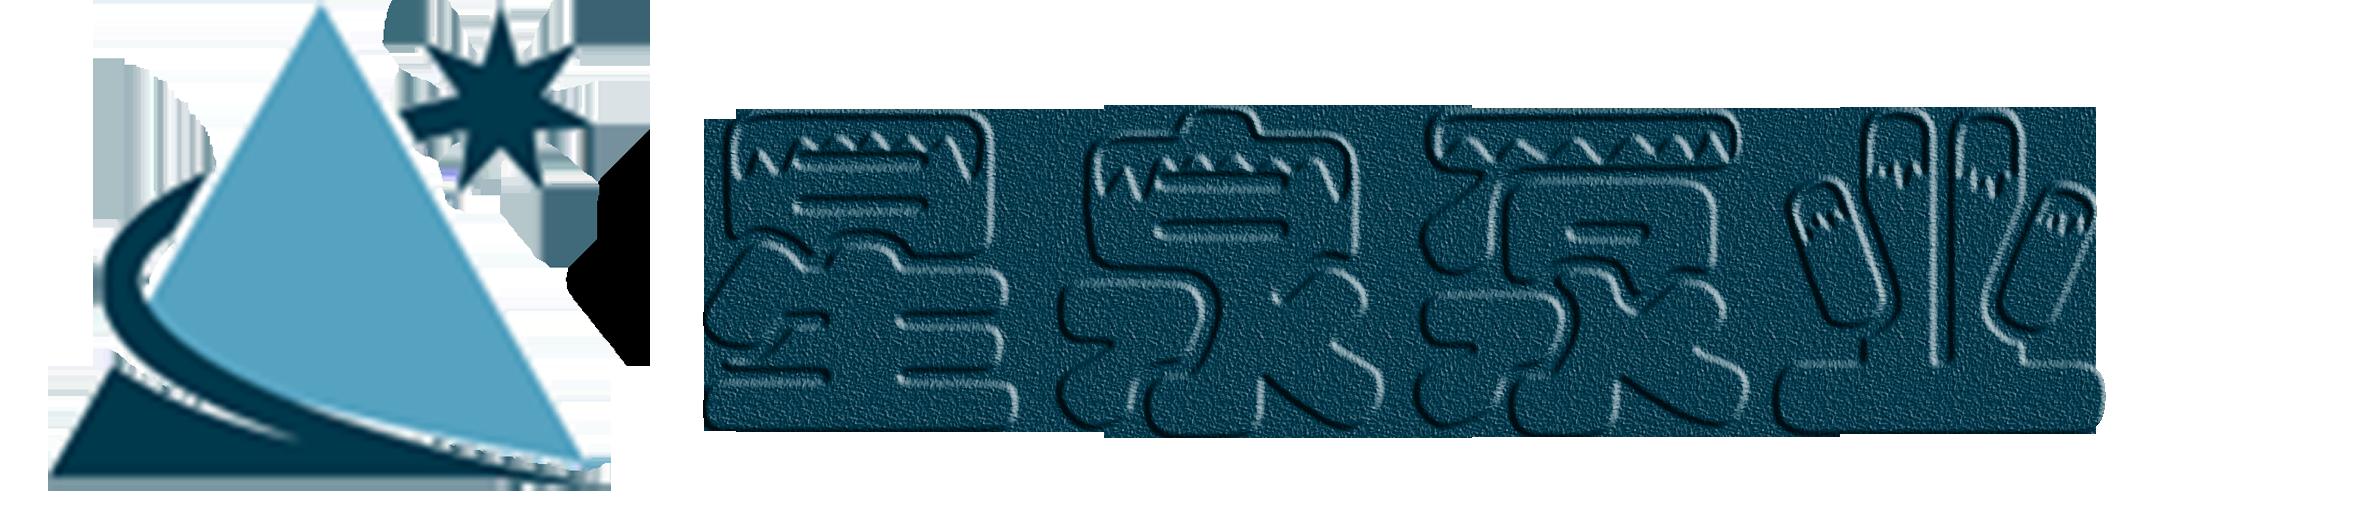 沈阳市星泉泵业制造有限公司铁西分公司